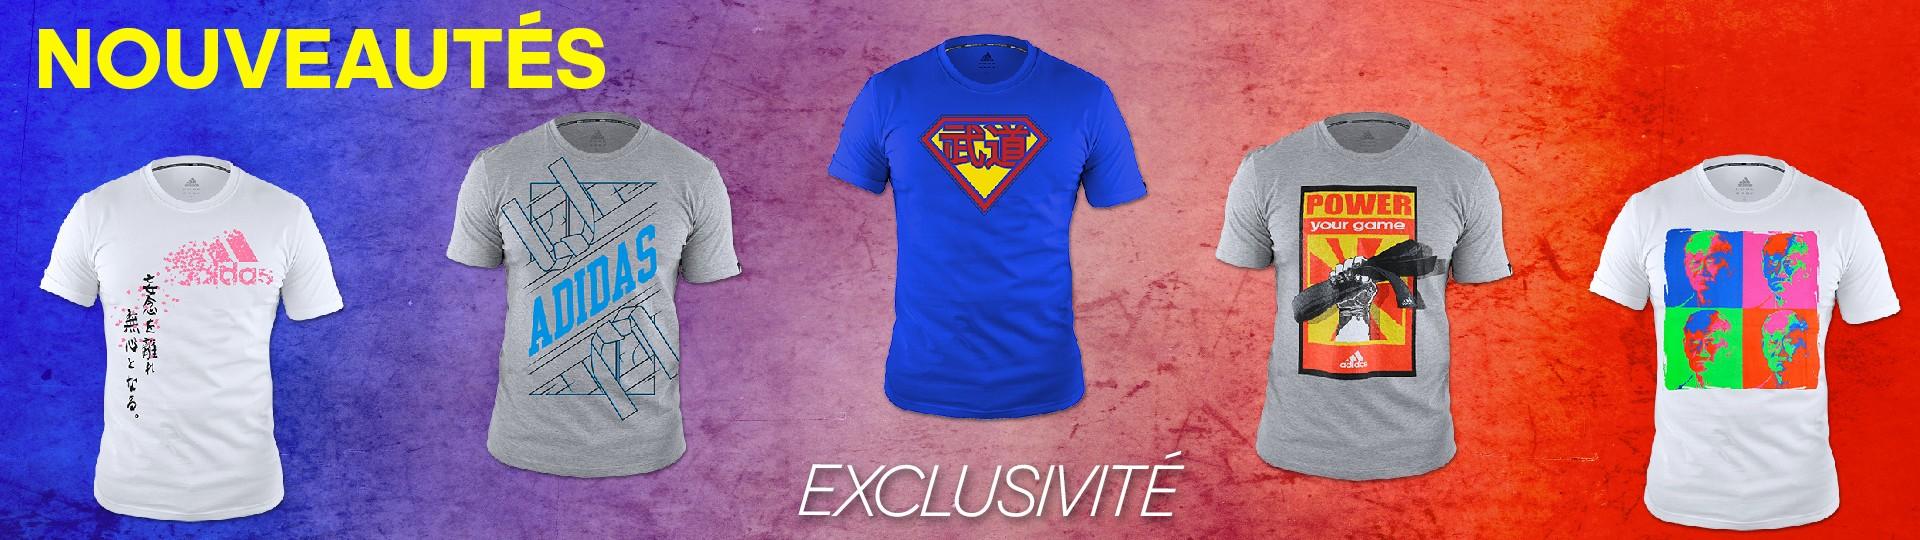 Nouveaux Tee Shirts adidas arts martiaux